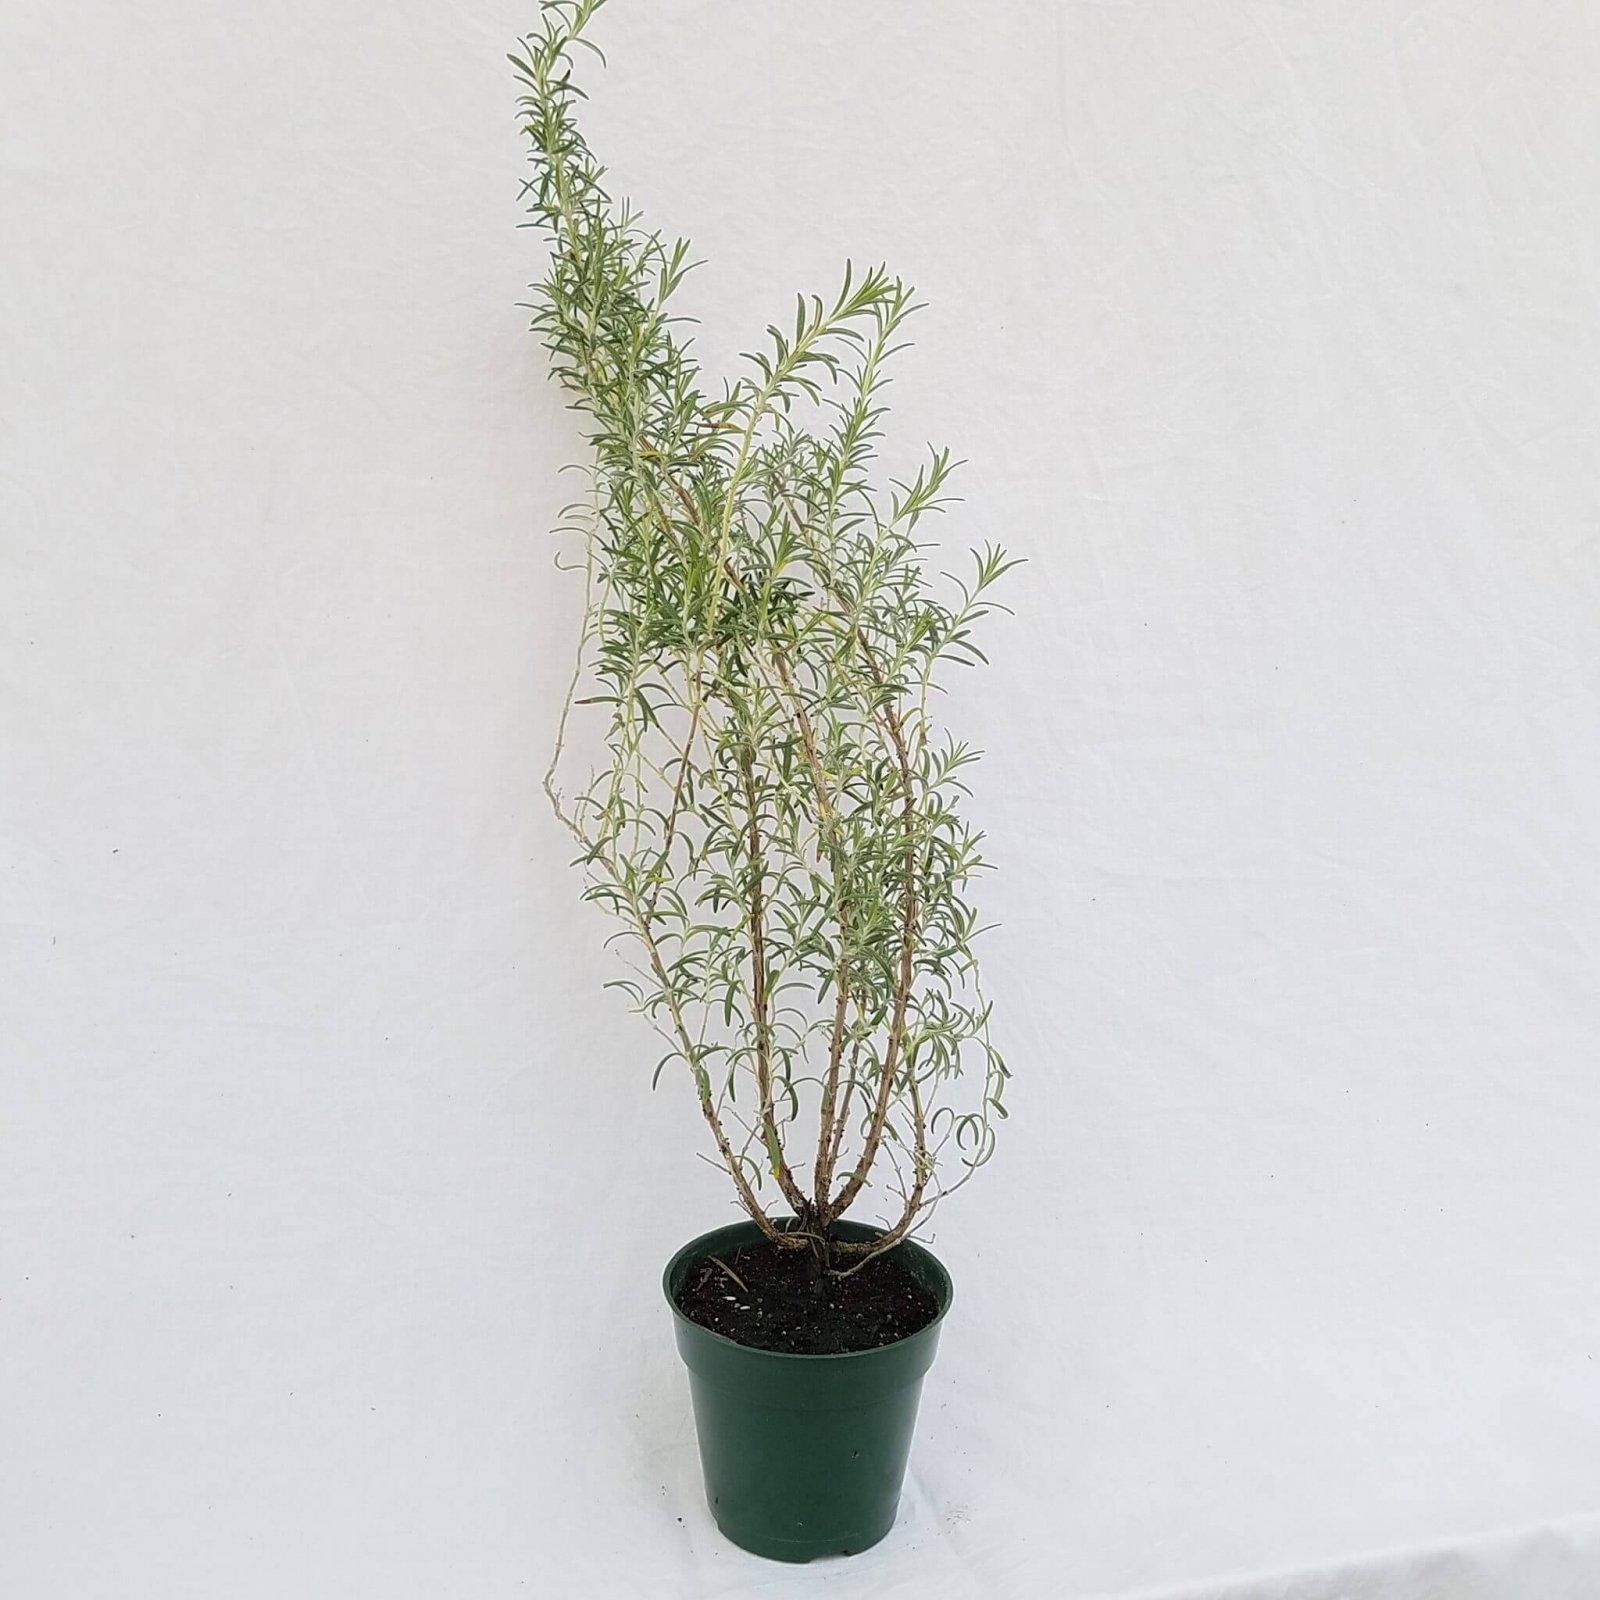 Rosemary 'Arp' - 4 1/2